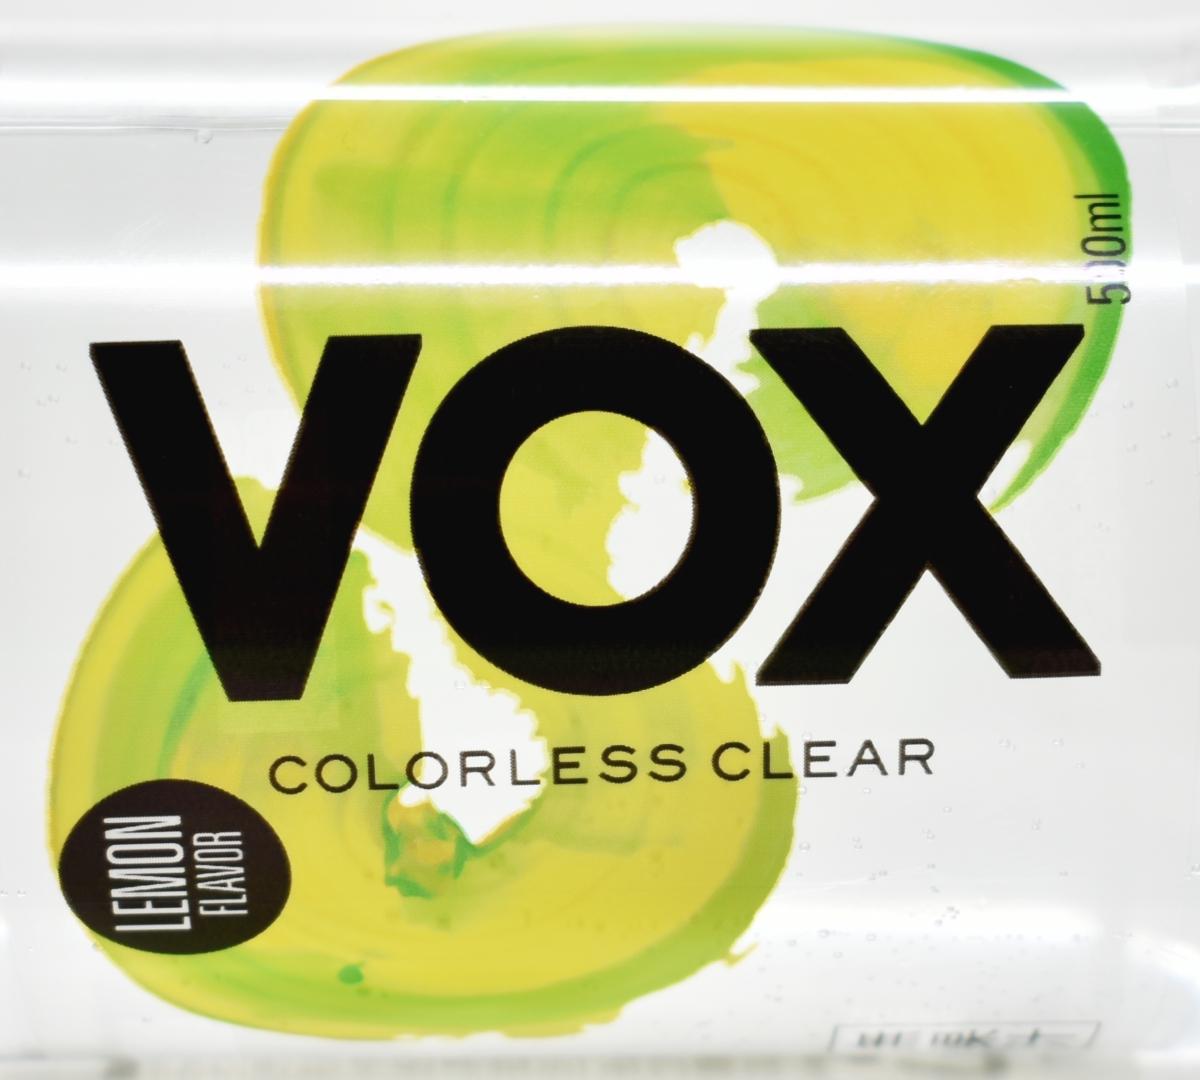 VOXレモンフレーバー